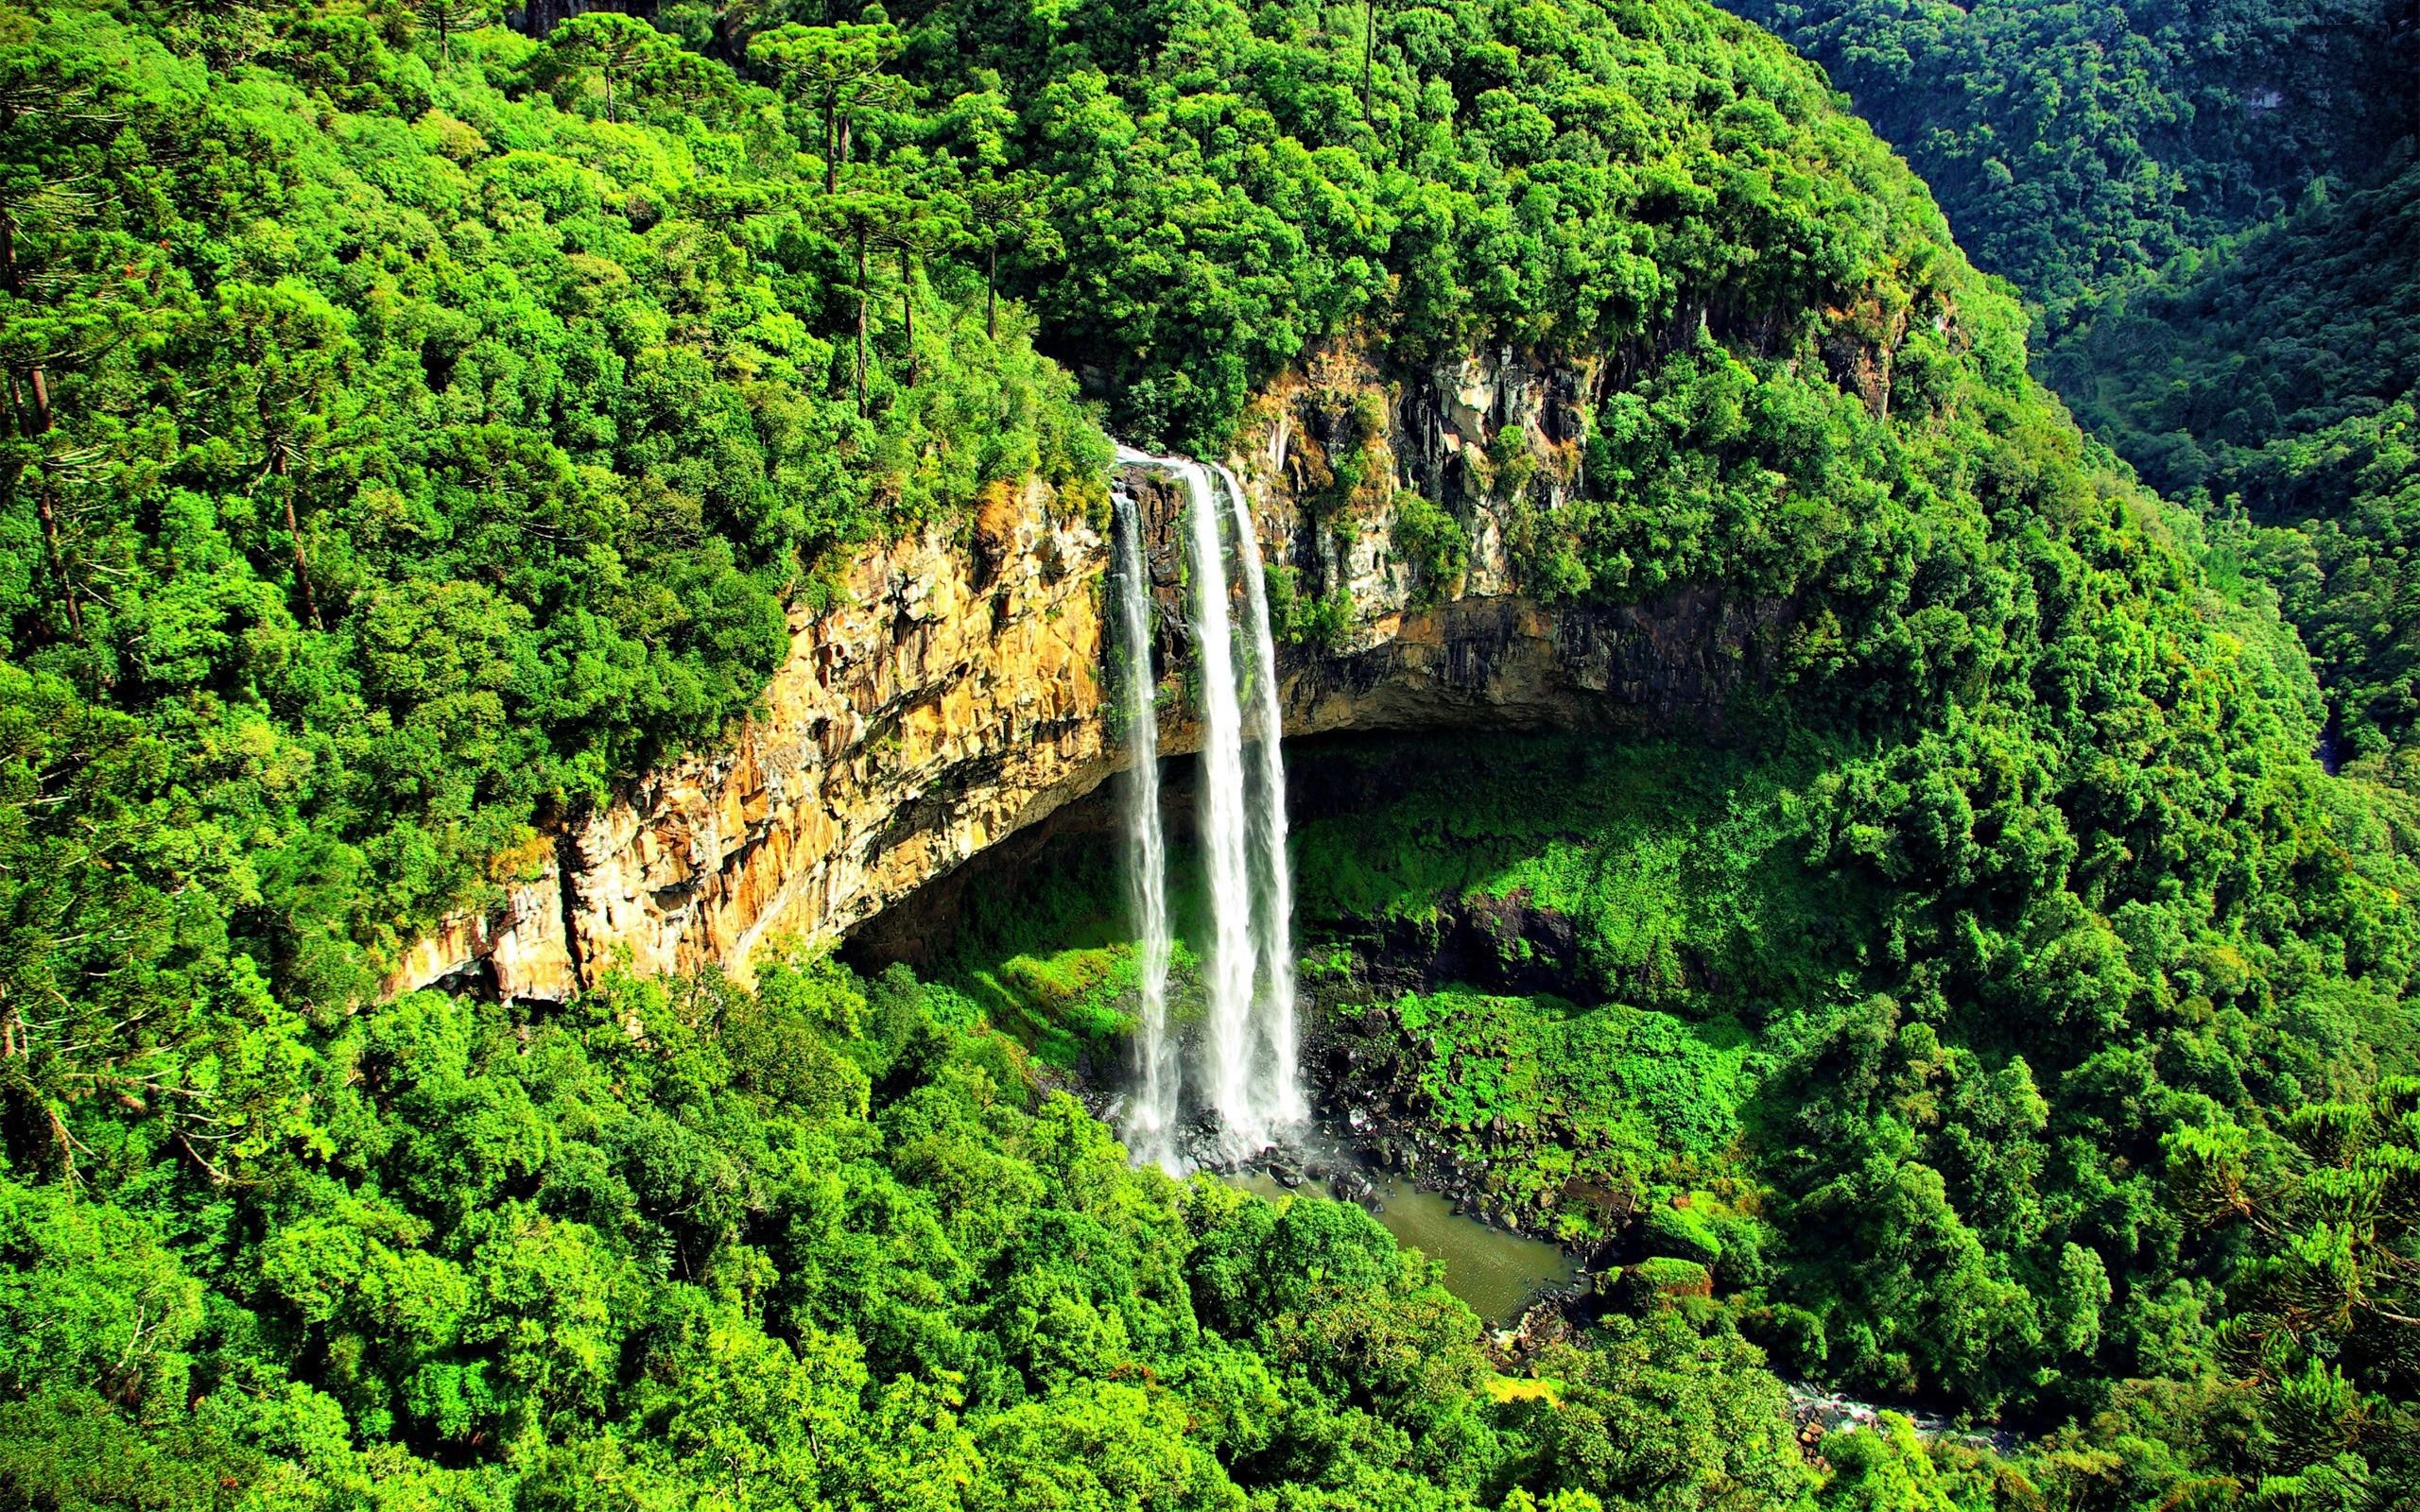 австралия горы водопады виды фото эстафетчица сборной